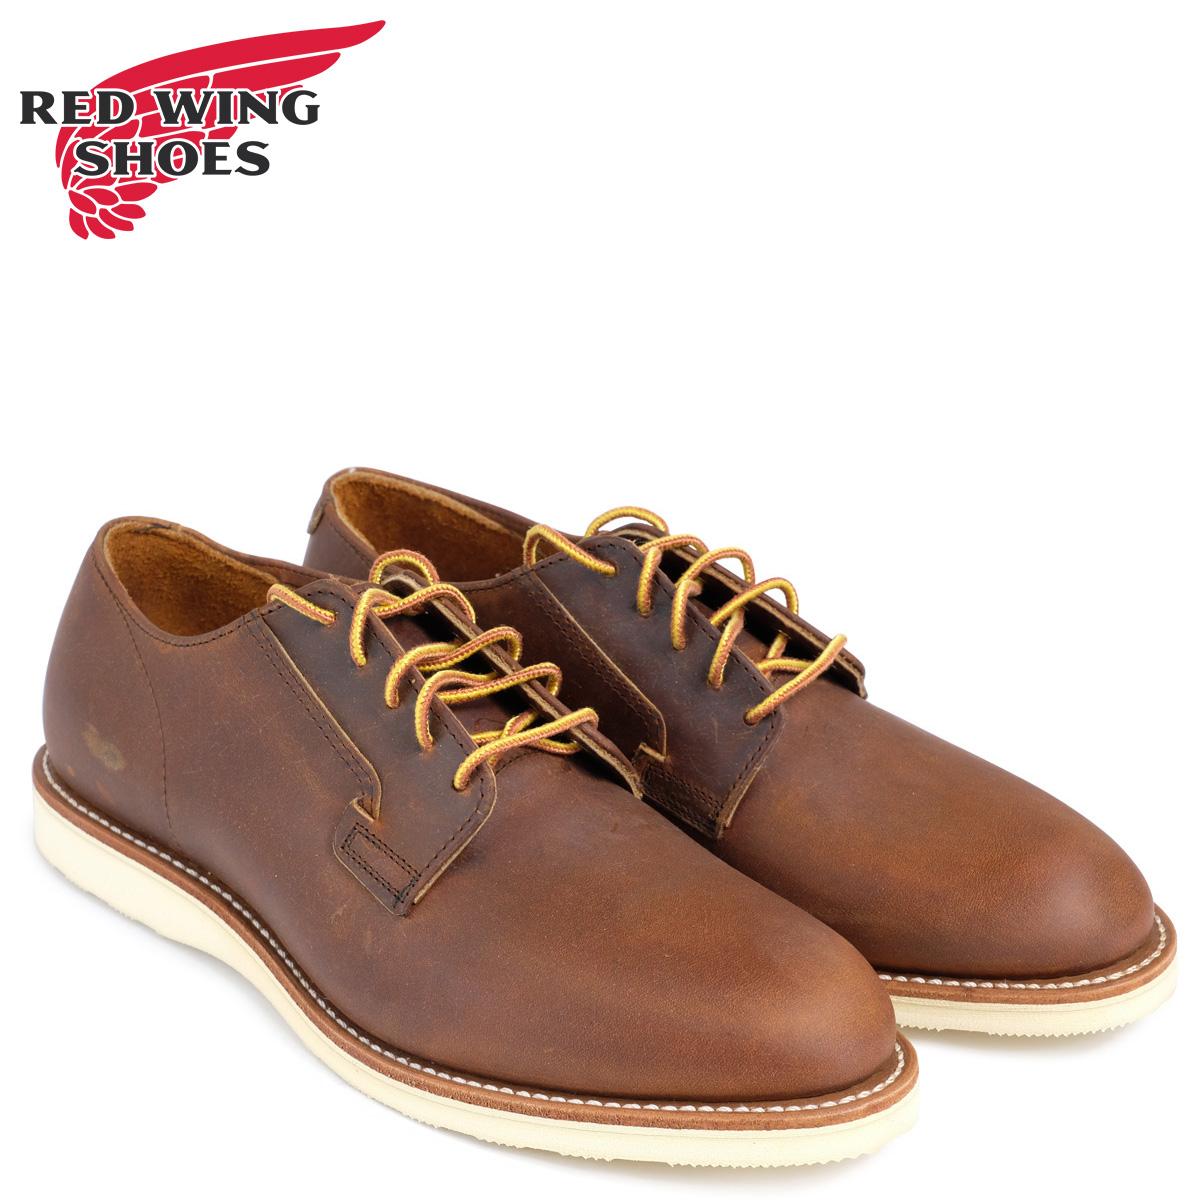 レッドウィング RED WING ブーツ ポストマン POSTMAN OXFORD Dワイズ 3118レッドウイング メンズ ブラウン